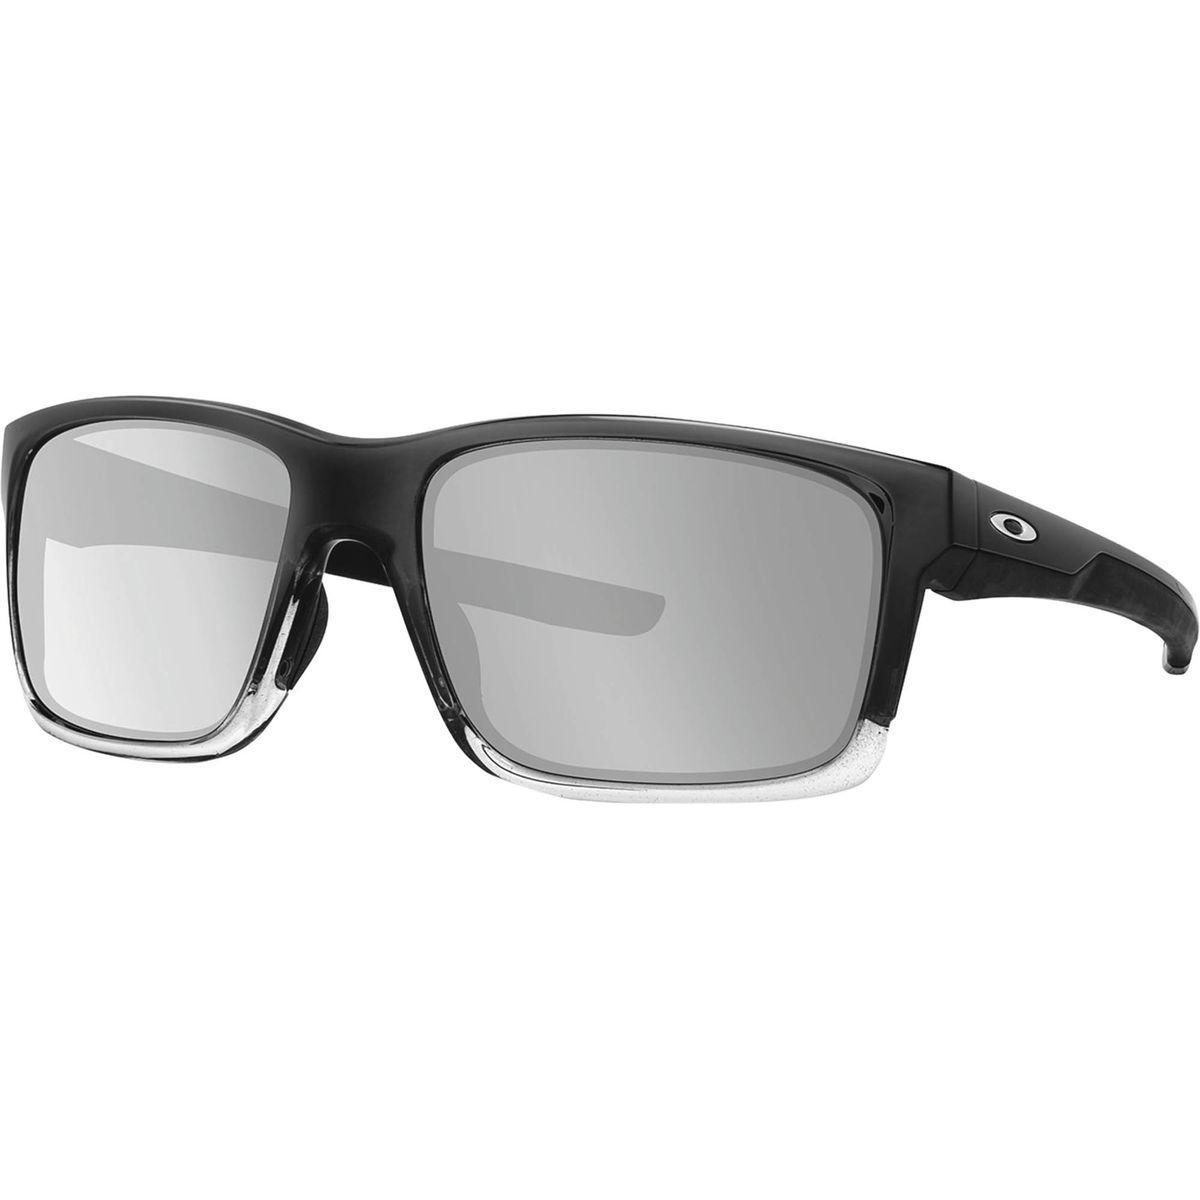 46b88afad9 Lyst - Oakley Mainlink Sunglasses in Gray for Men